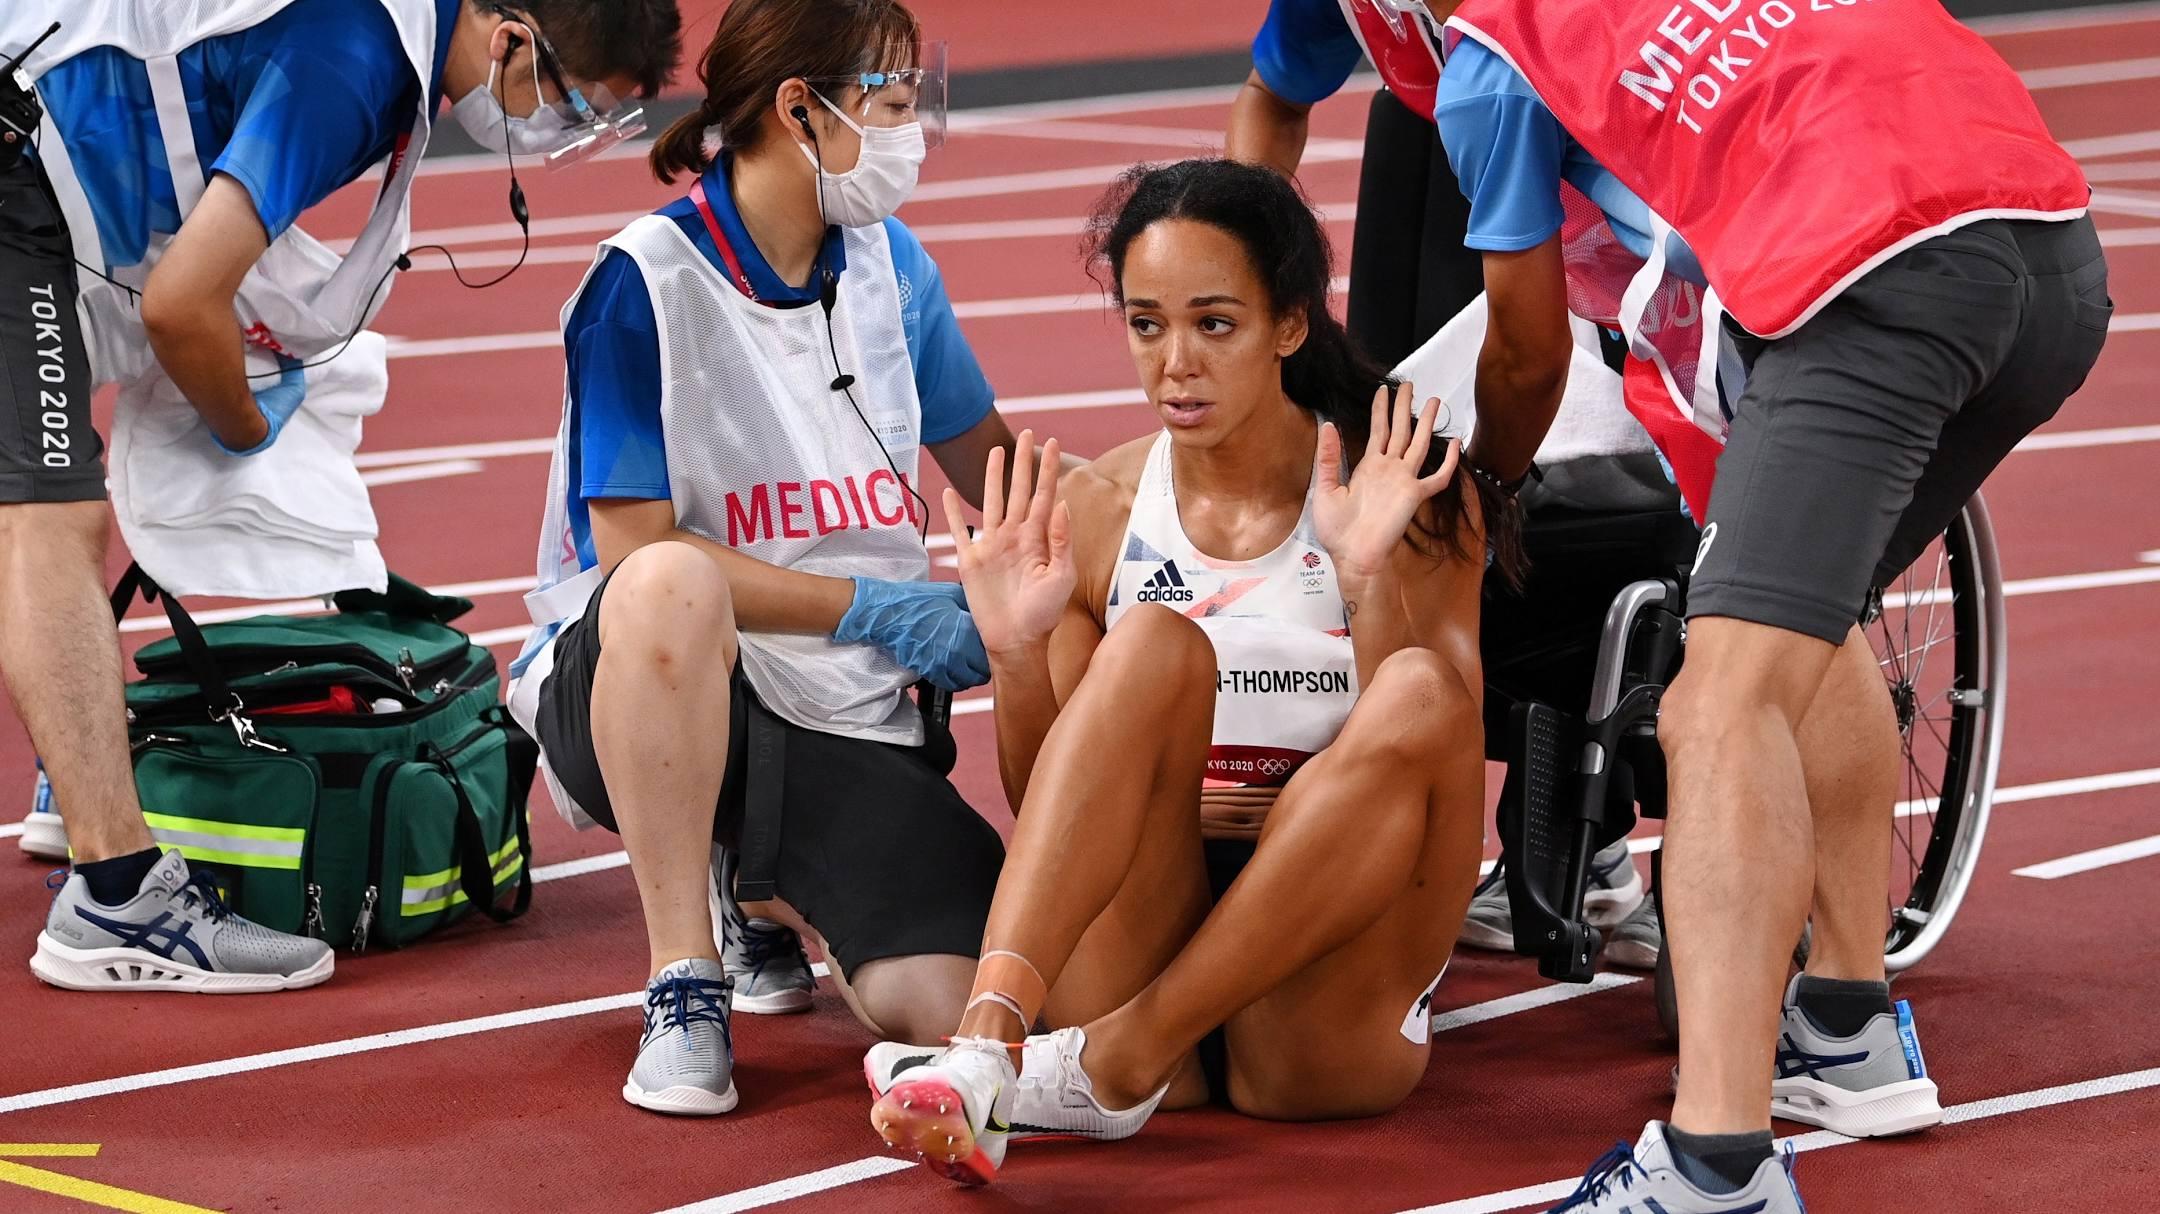 Cô từ chối chăm sóc y tế, cũng không chịu ngồi xe lăn, mà tiếp tục chạy tập tễnh về đích. Ảnh: Reuters